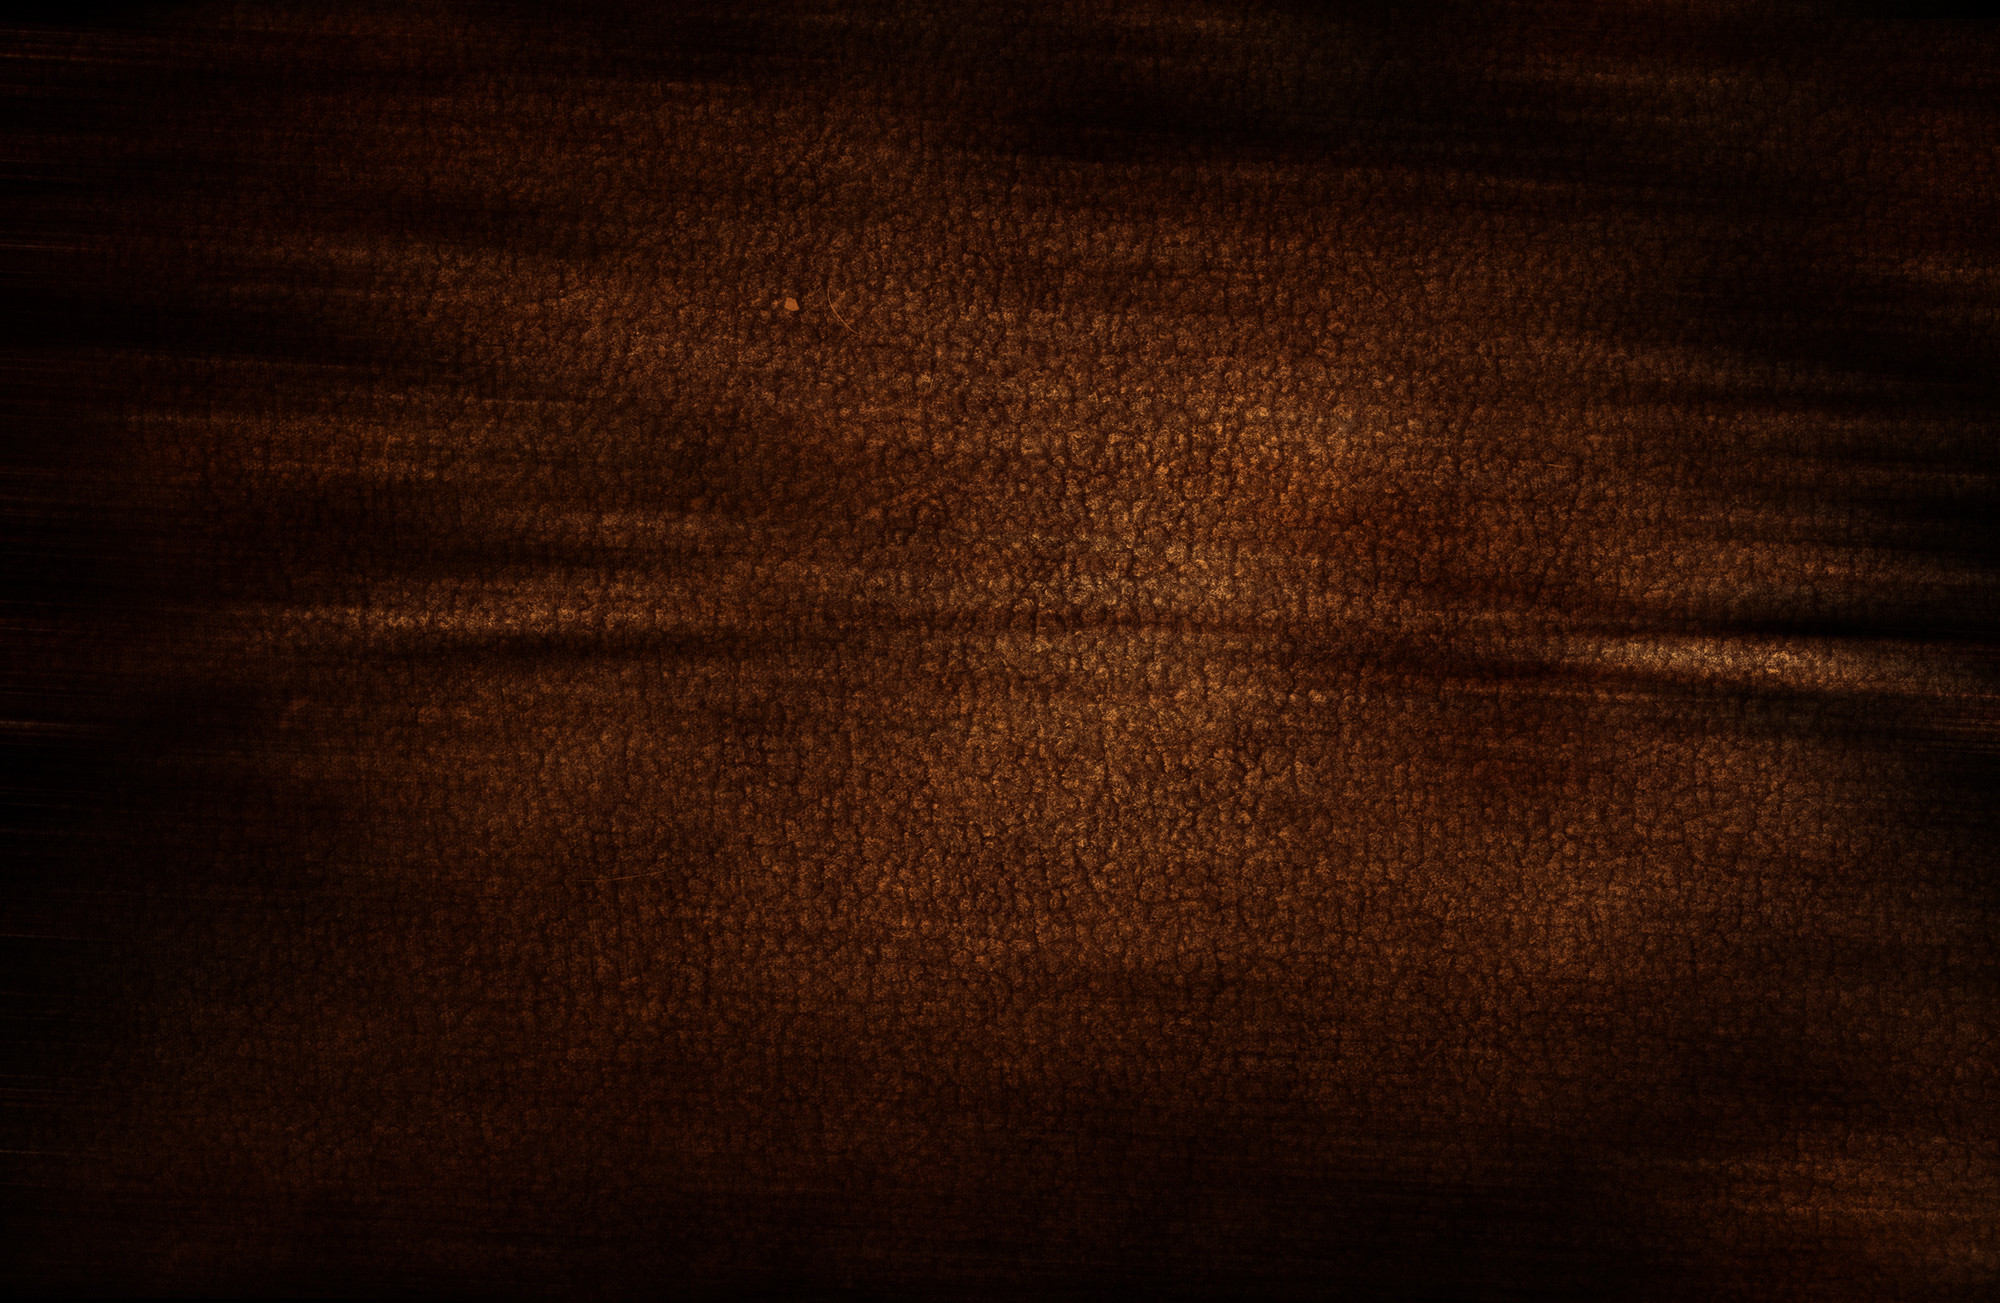 1080x1920 Louis Vuitton Dark Pattern Art IPhone 8 Wallpaper